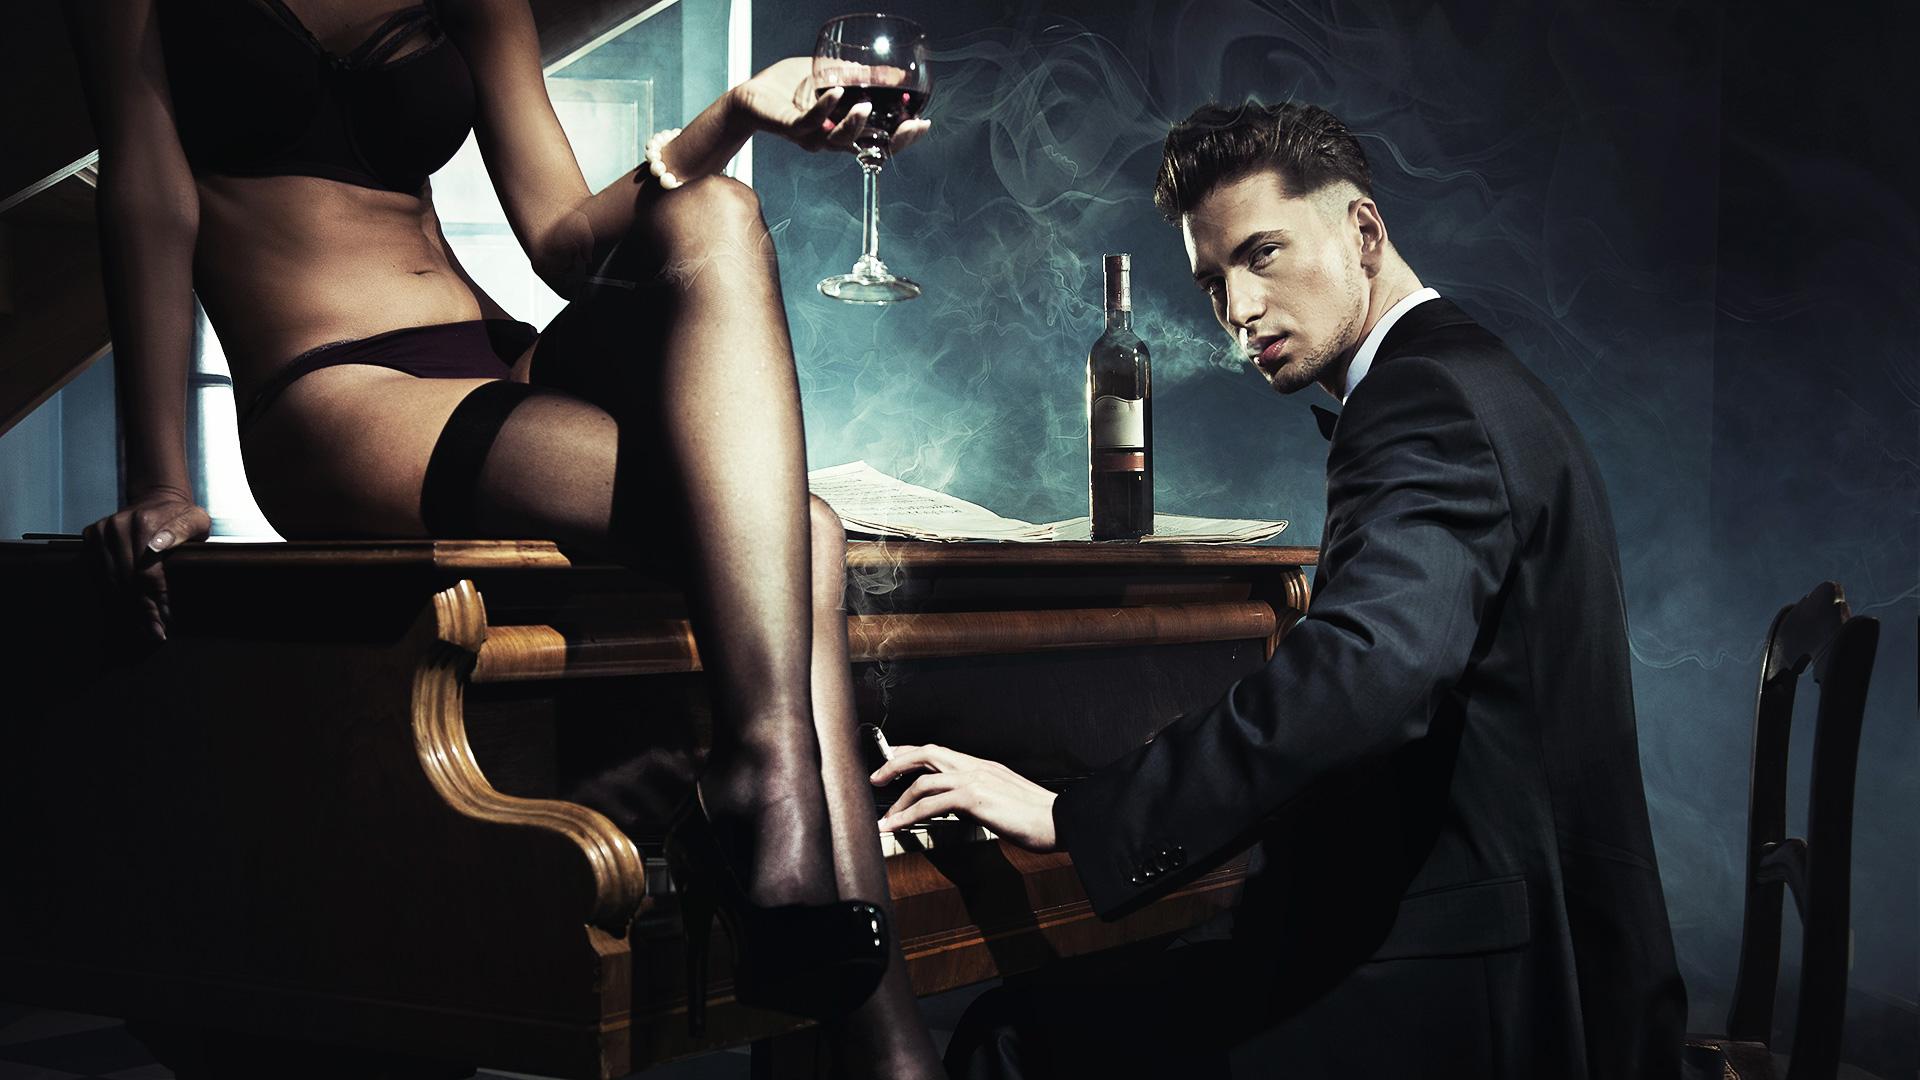 Видео девушки наслаждающейся сигаретой и сексом